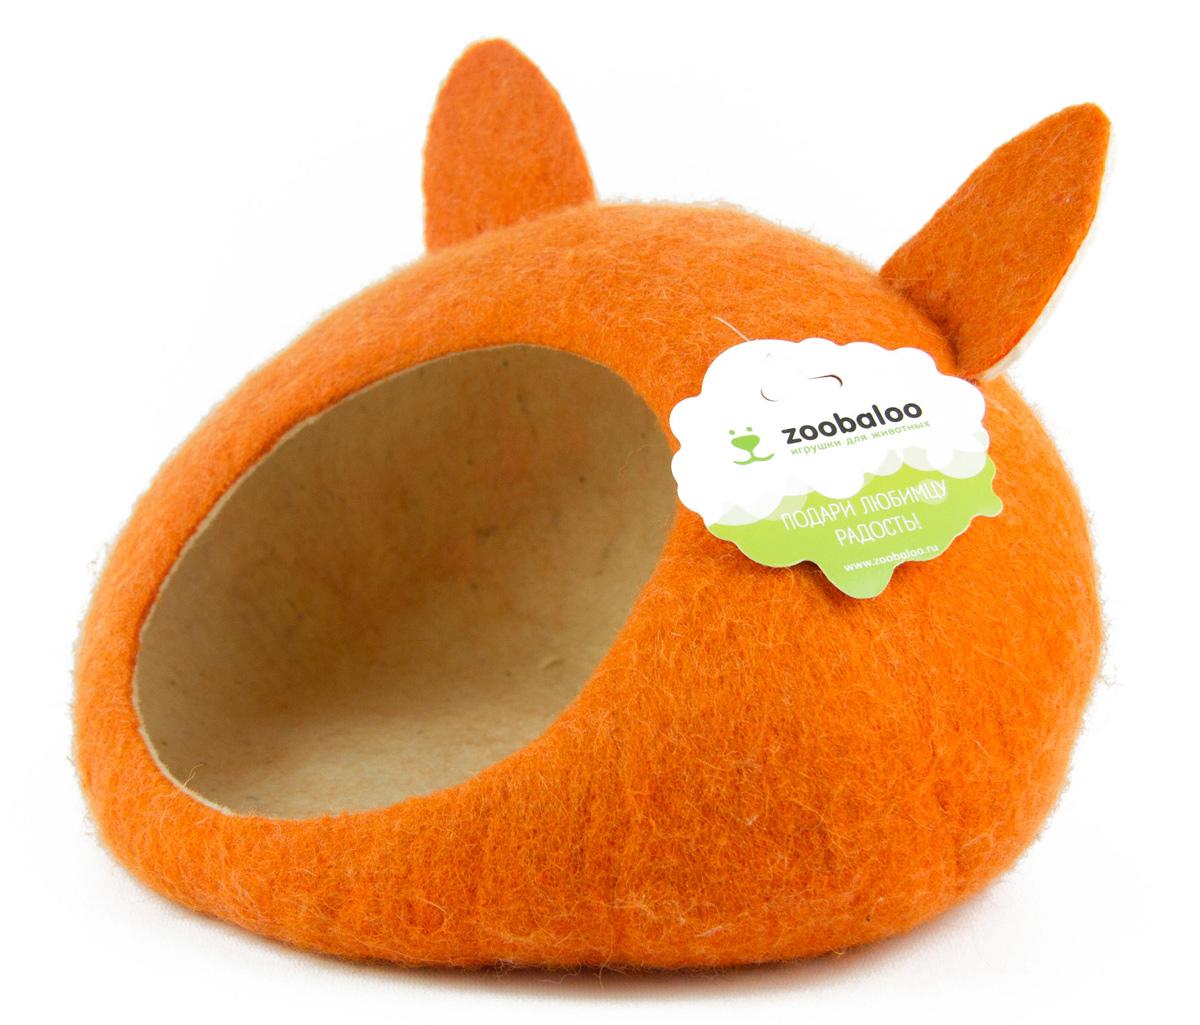 Домик-слипер Zoobaloo WoolPetHouse, размер S, форма круг, с ушками, оранжевый811WoolPetHouse это домики-слиперы! Это невероятное творение наших дизайнеров обещает быть хитом сезона – мы учли все особенности «животного» сна: форма, цвет, материал этих домиков – всё подобрано как нельзя лучше! В них ваши любимцы будут видеть только цветные сны, а комфорту и благодарности не будет предела! Природа позаботилась обо всем – стопроцентная шерсть мериноса обеспечит превосходный микроклимат внутри домика, а его форма позволит питомцу засыпать в самой естественной позе. Ваши питомцы уютно обустроятся в наших домиках! Так как изделие выполнено из шерсти, советуем использовать сухую чистку, в местах сильных загрязнений можно воспользоваться губкой или щеткой с мылом. Для того, чтобы домик прослужил максимально долго, для маленьких котят и щенков рекомендуем застилать домик изнутри специальной впитывающей пеленкой.